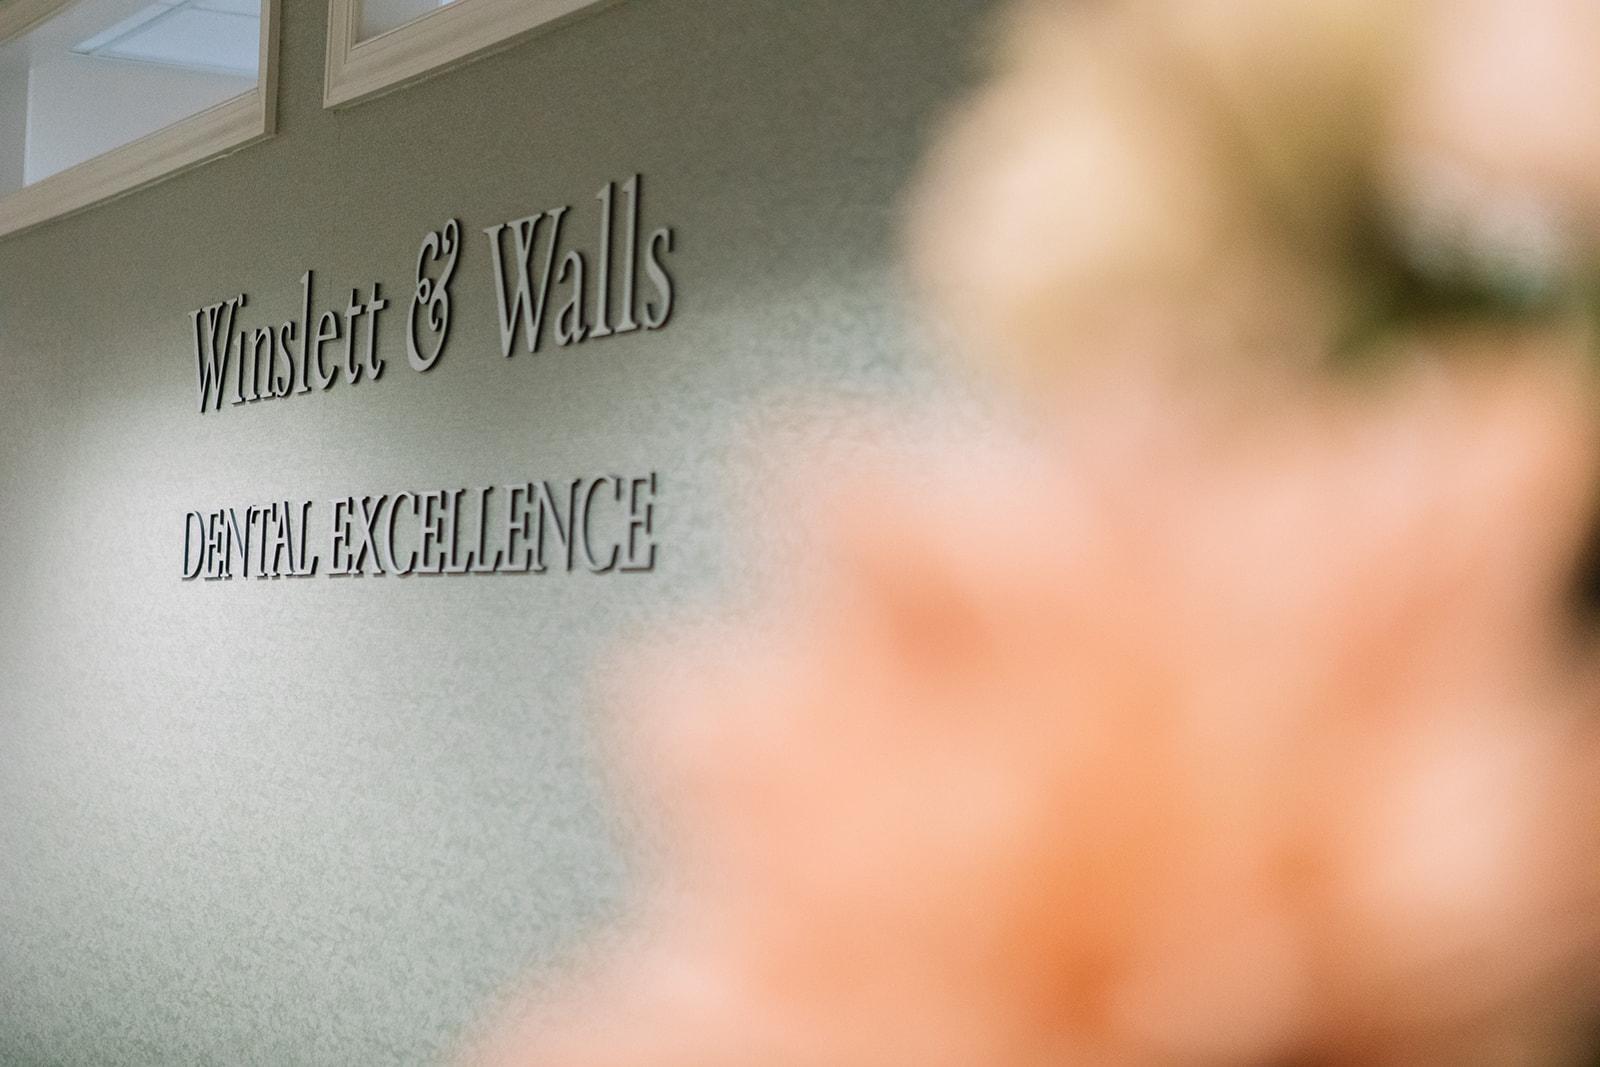 Winslett & Walls